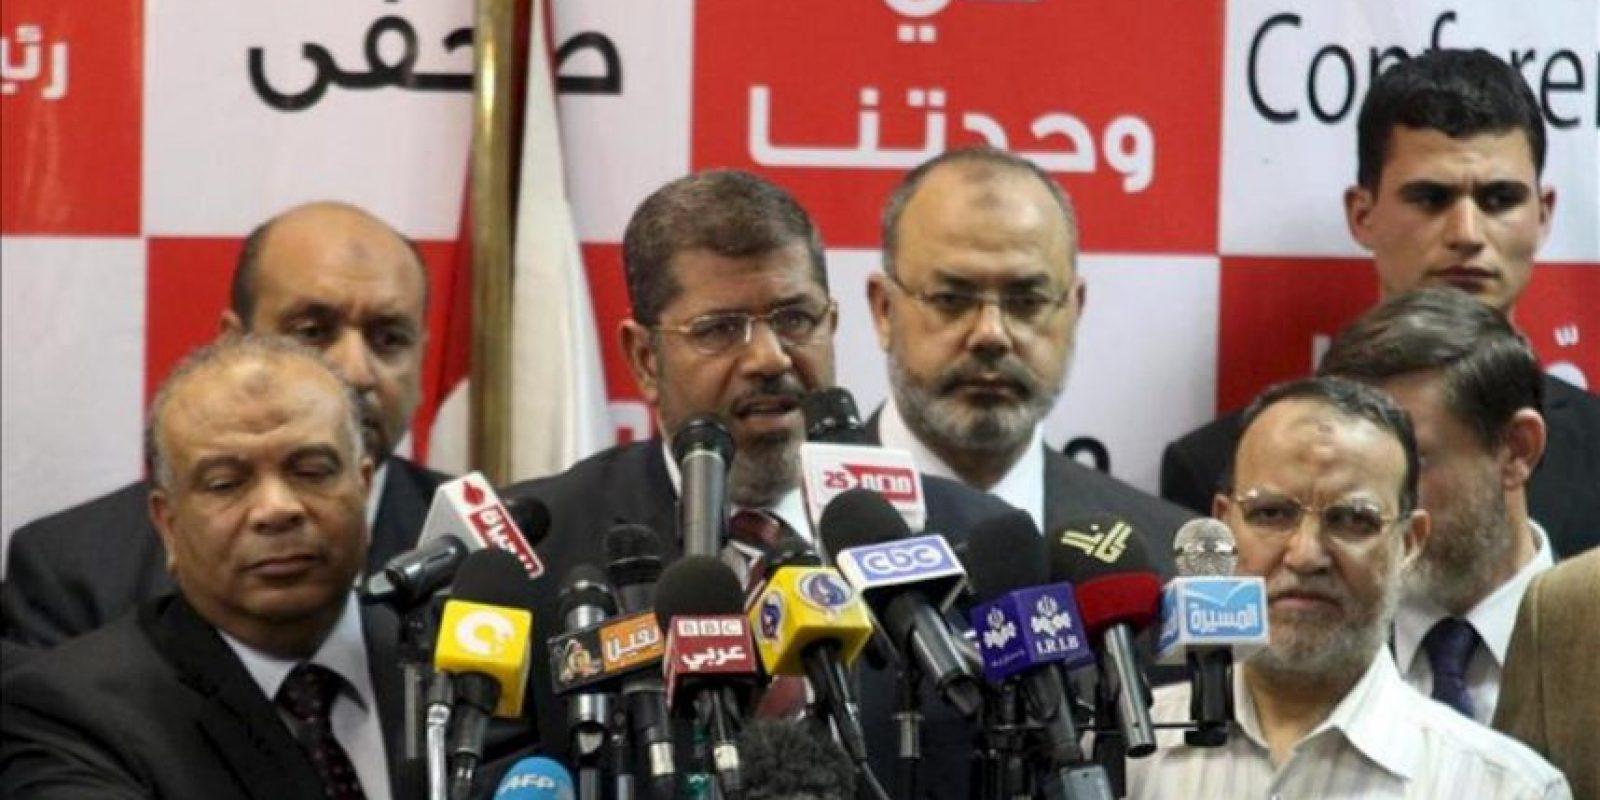 El candidato de los Hermanos Musulmanes, Mohamed Mursi, comparece en una rueda de prensa en El Cairo, Egipto. EFE